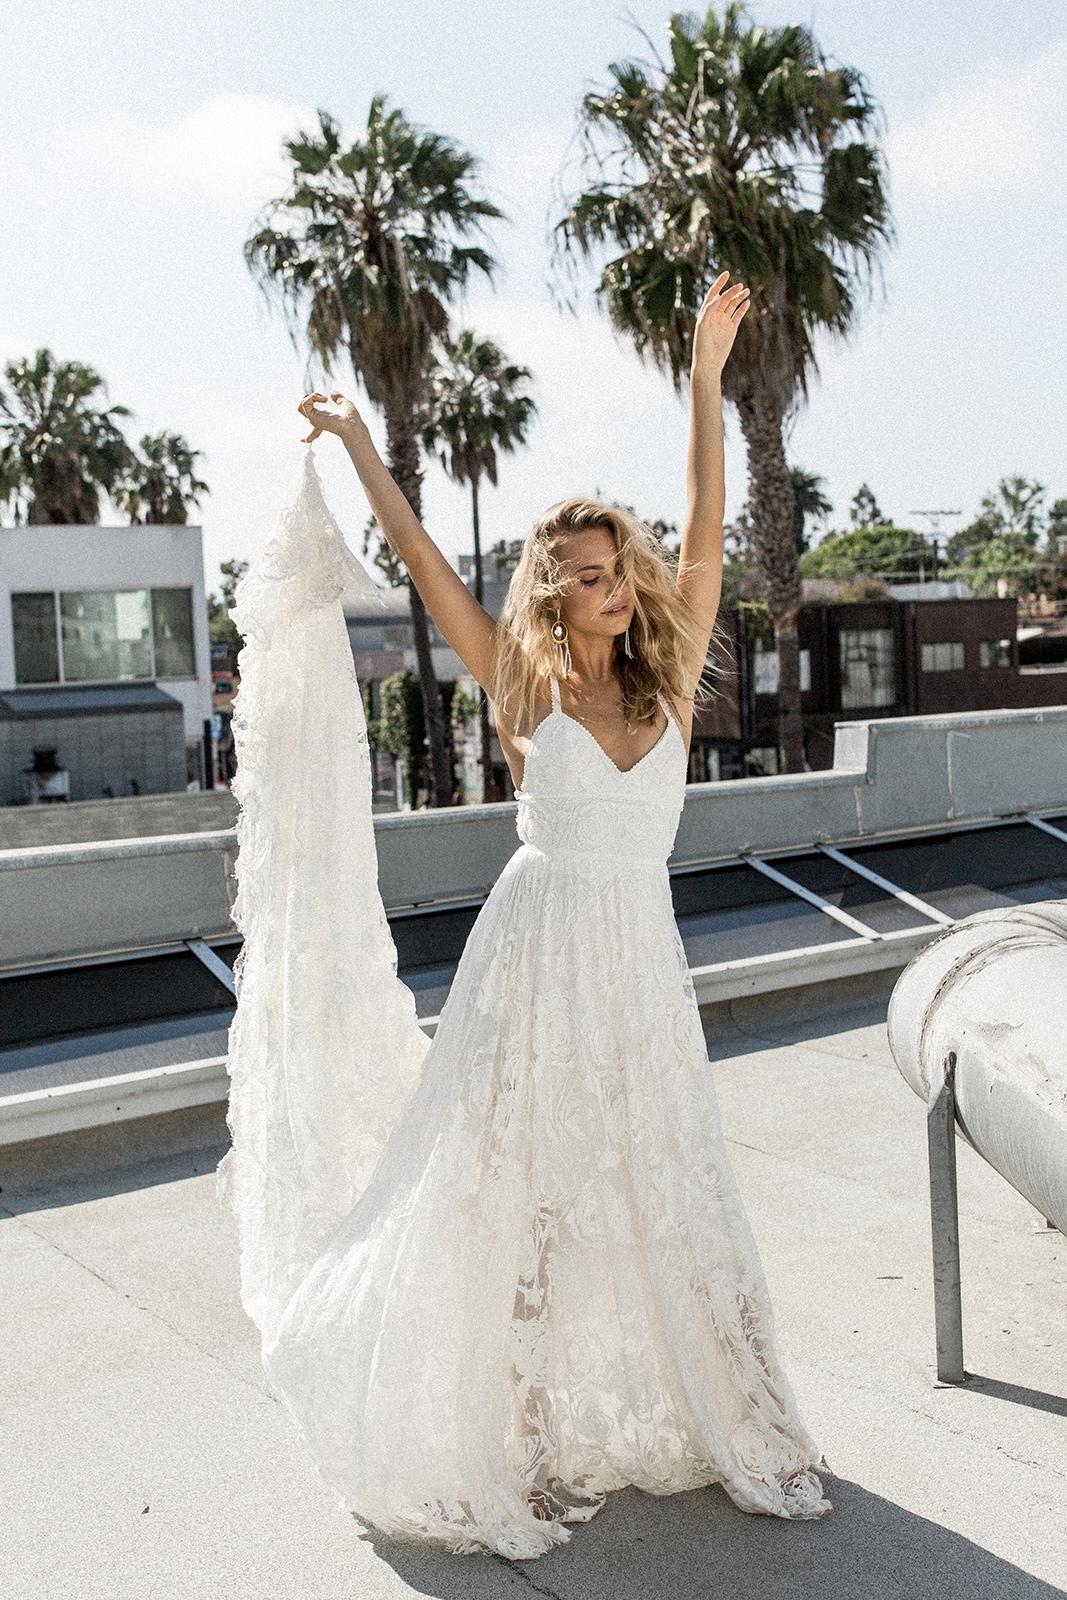 Megan Gown Lace Wedding Dress Grace Loves Lace Cocktail Dress Wedding Summer Wedding Dress Grace Loves Lace [ 1600 x 1067 Pixel ]